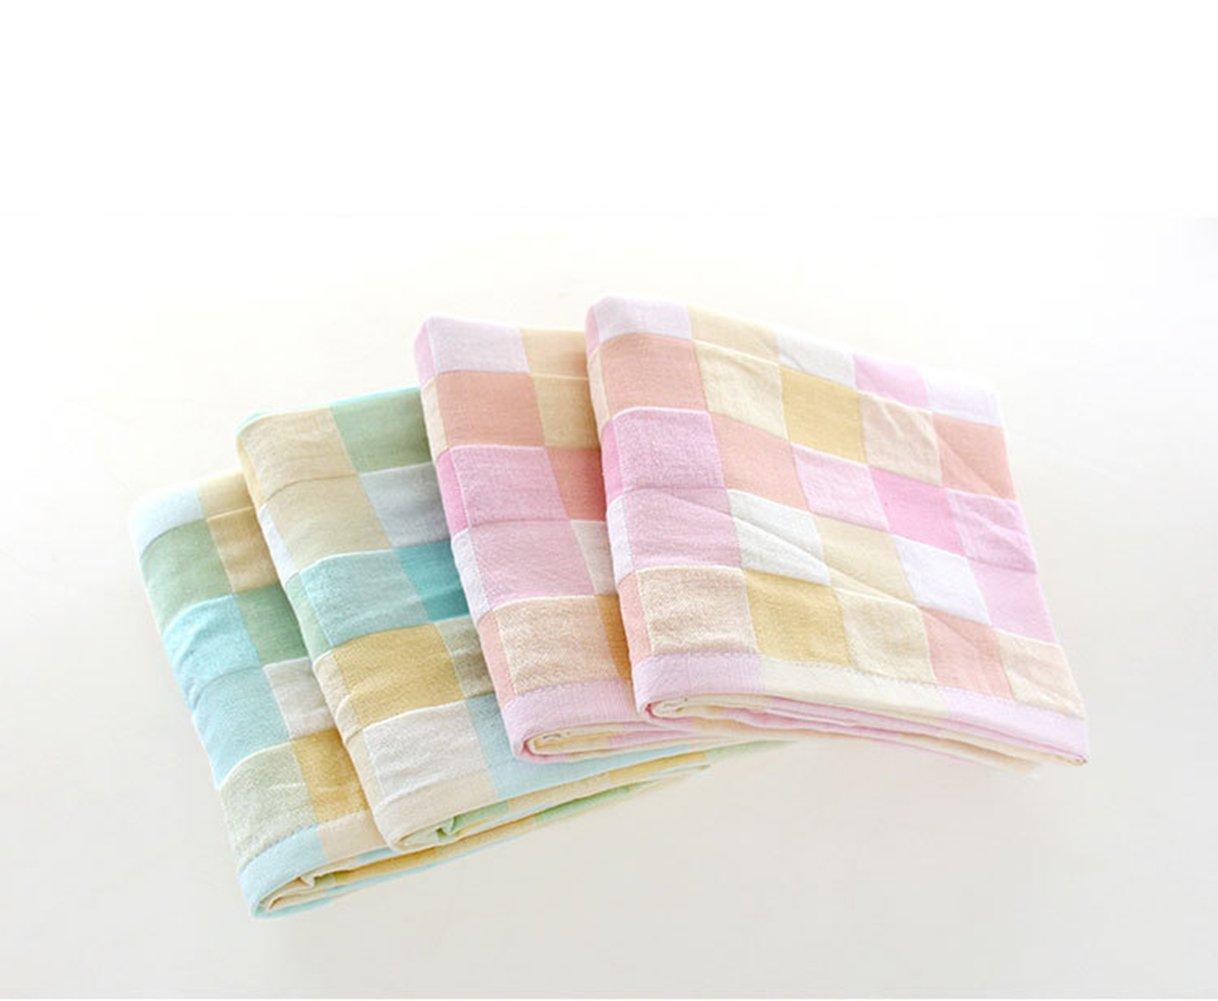 Algodón suave, Stillshine - Baby Shower Regalos Baño toallas con gancho Reutilizables bebés recién nacidos toallas para la piel sensible (Estilo 5): ...